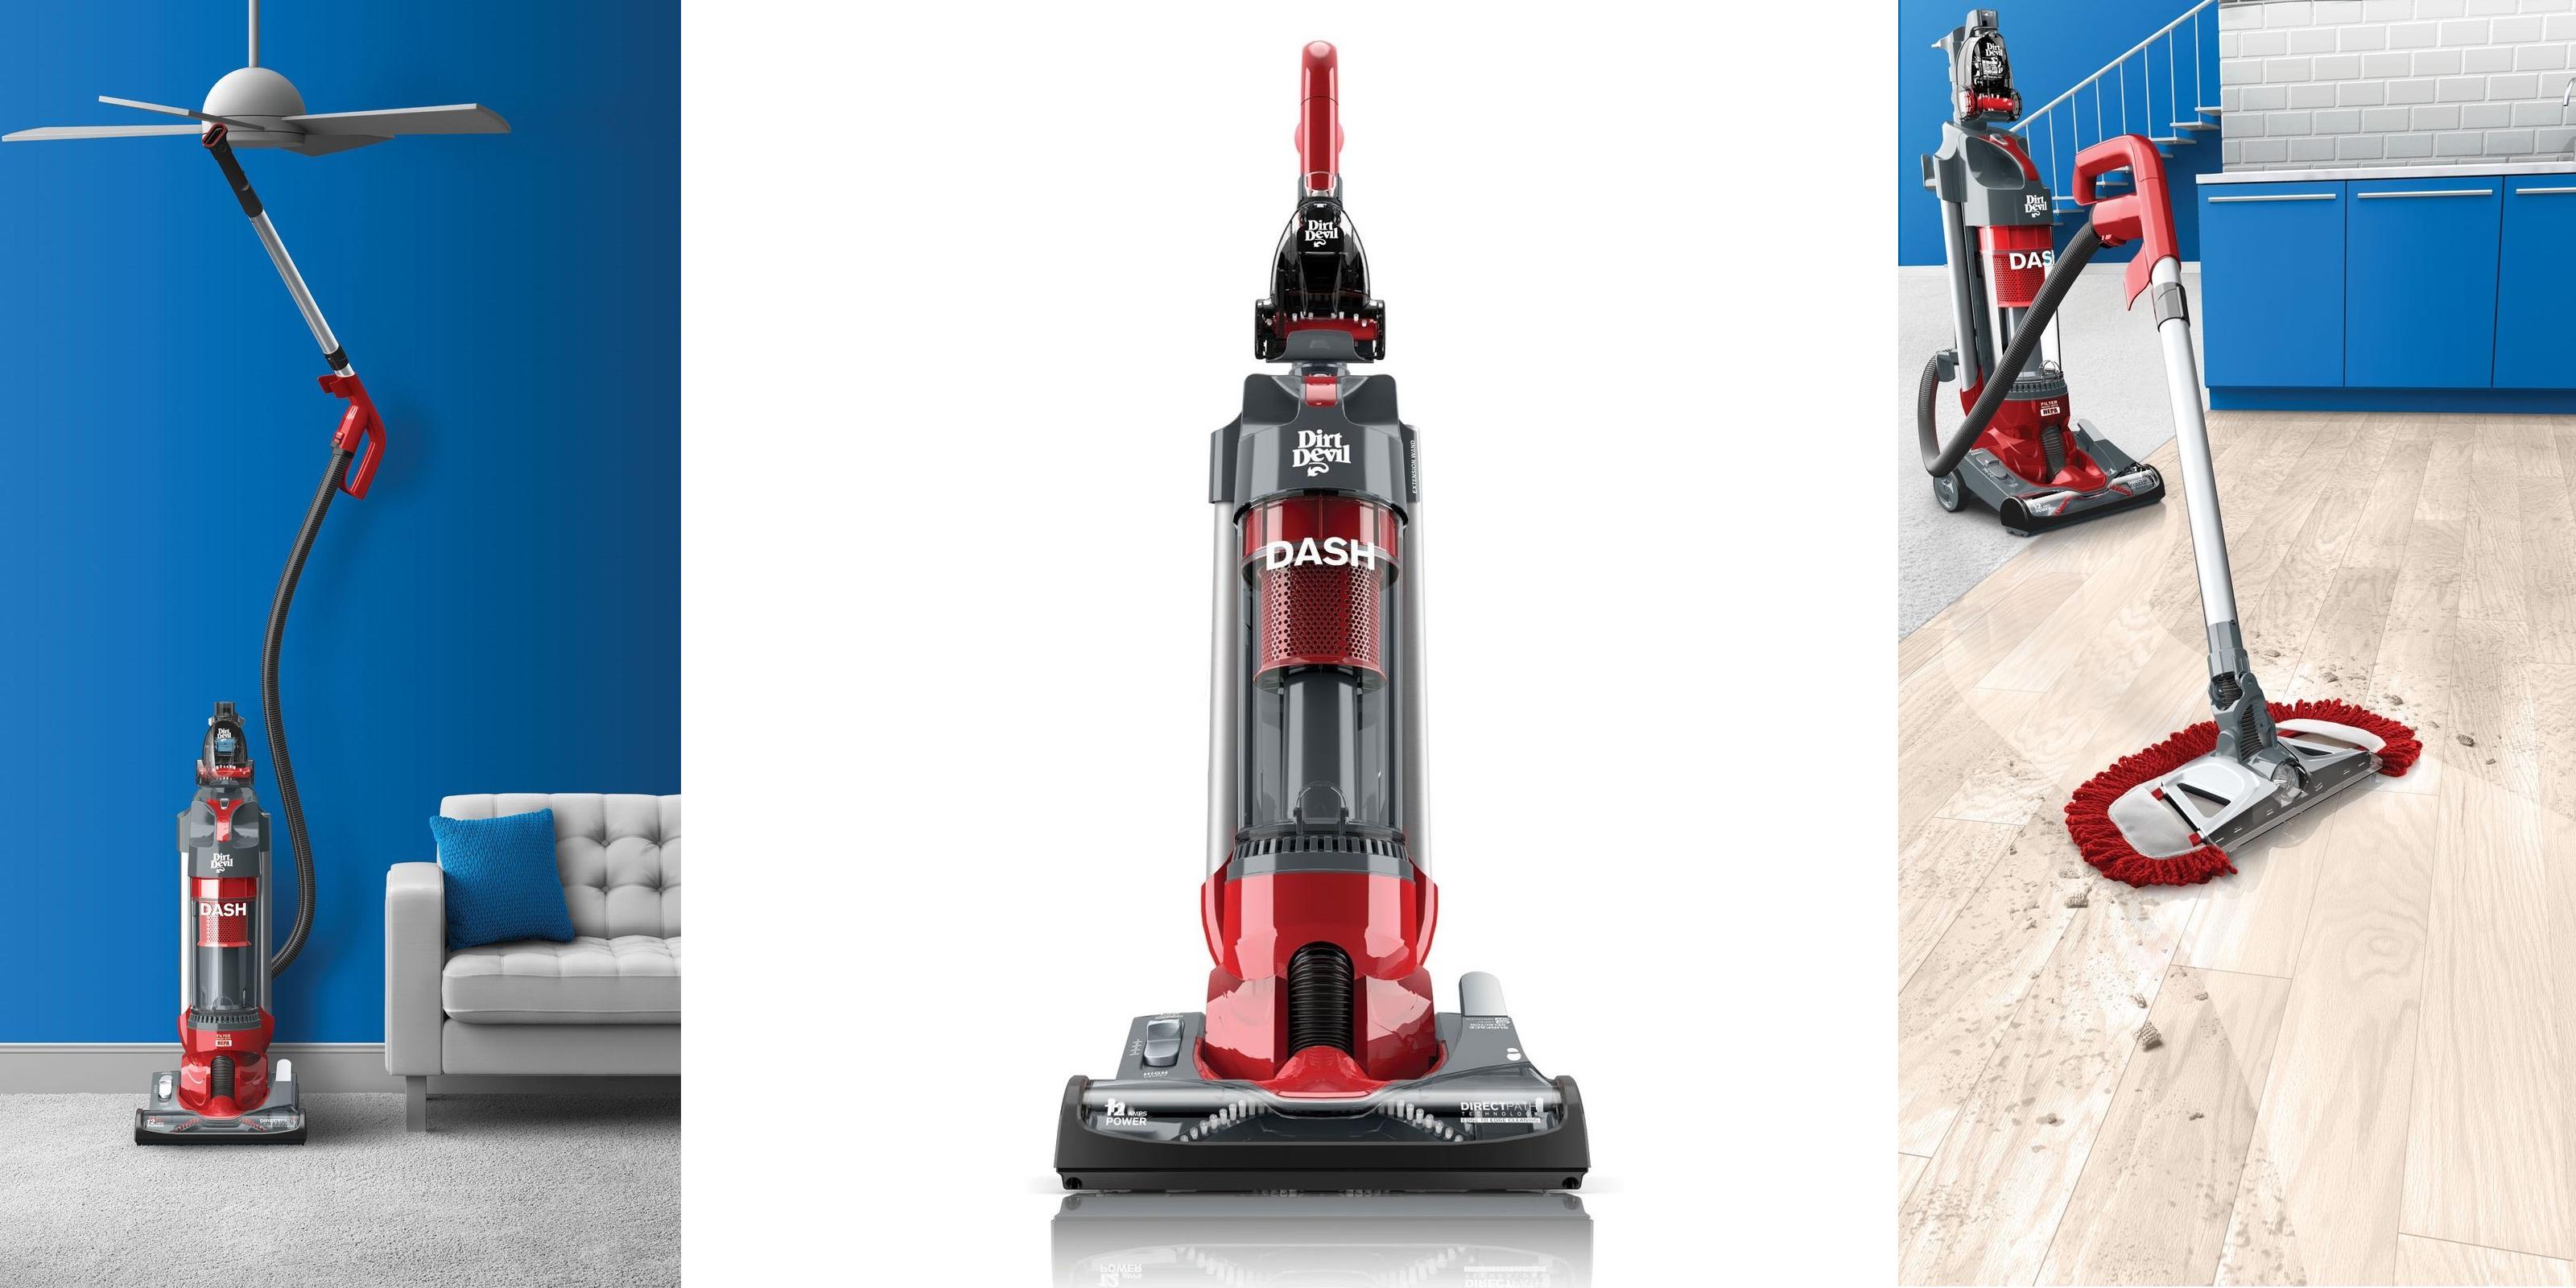 Dirt Devil Dash Upright Vacuum Cleaner With Vac Dust Floor